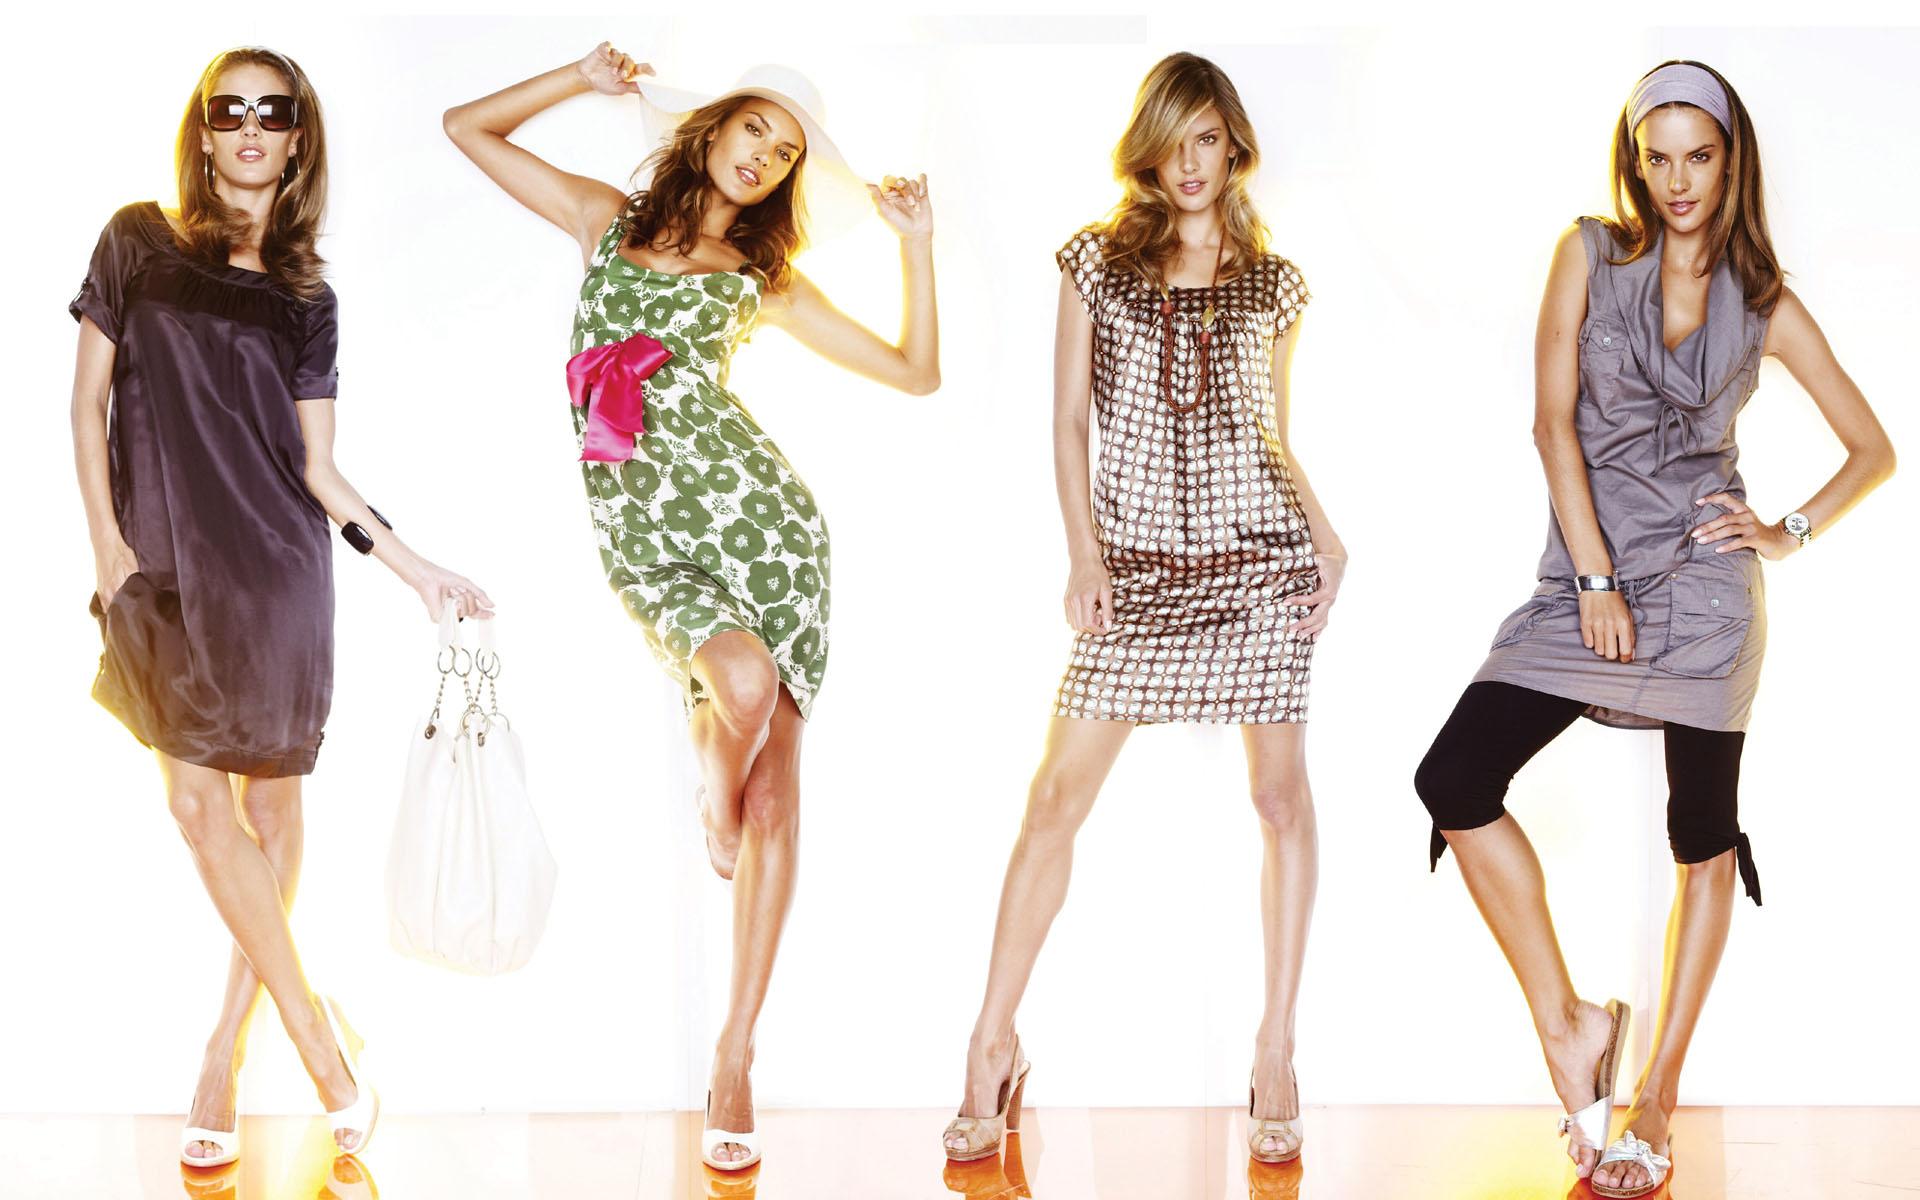 Face fashion faux pas H&M - Choose Your Region